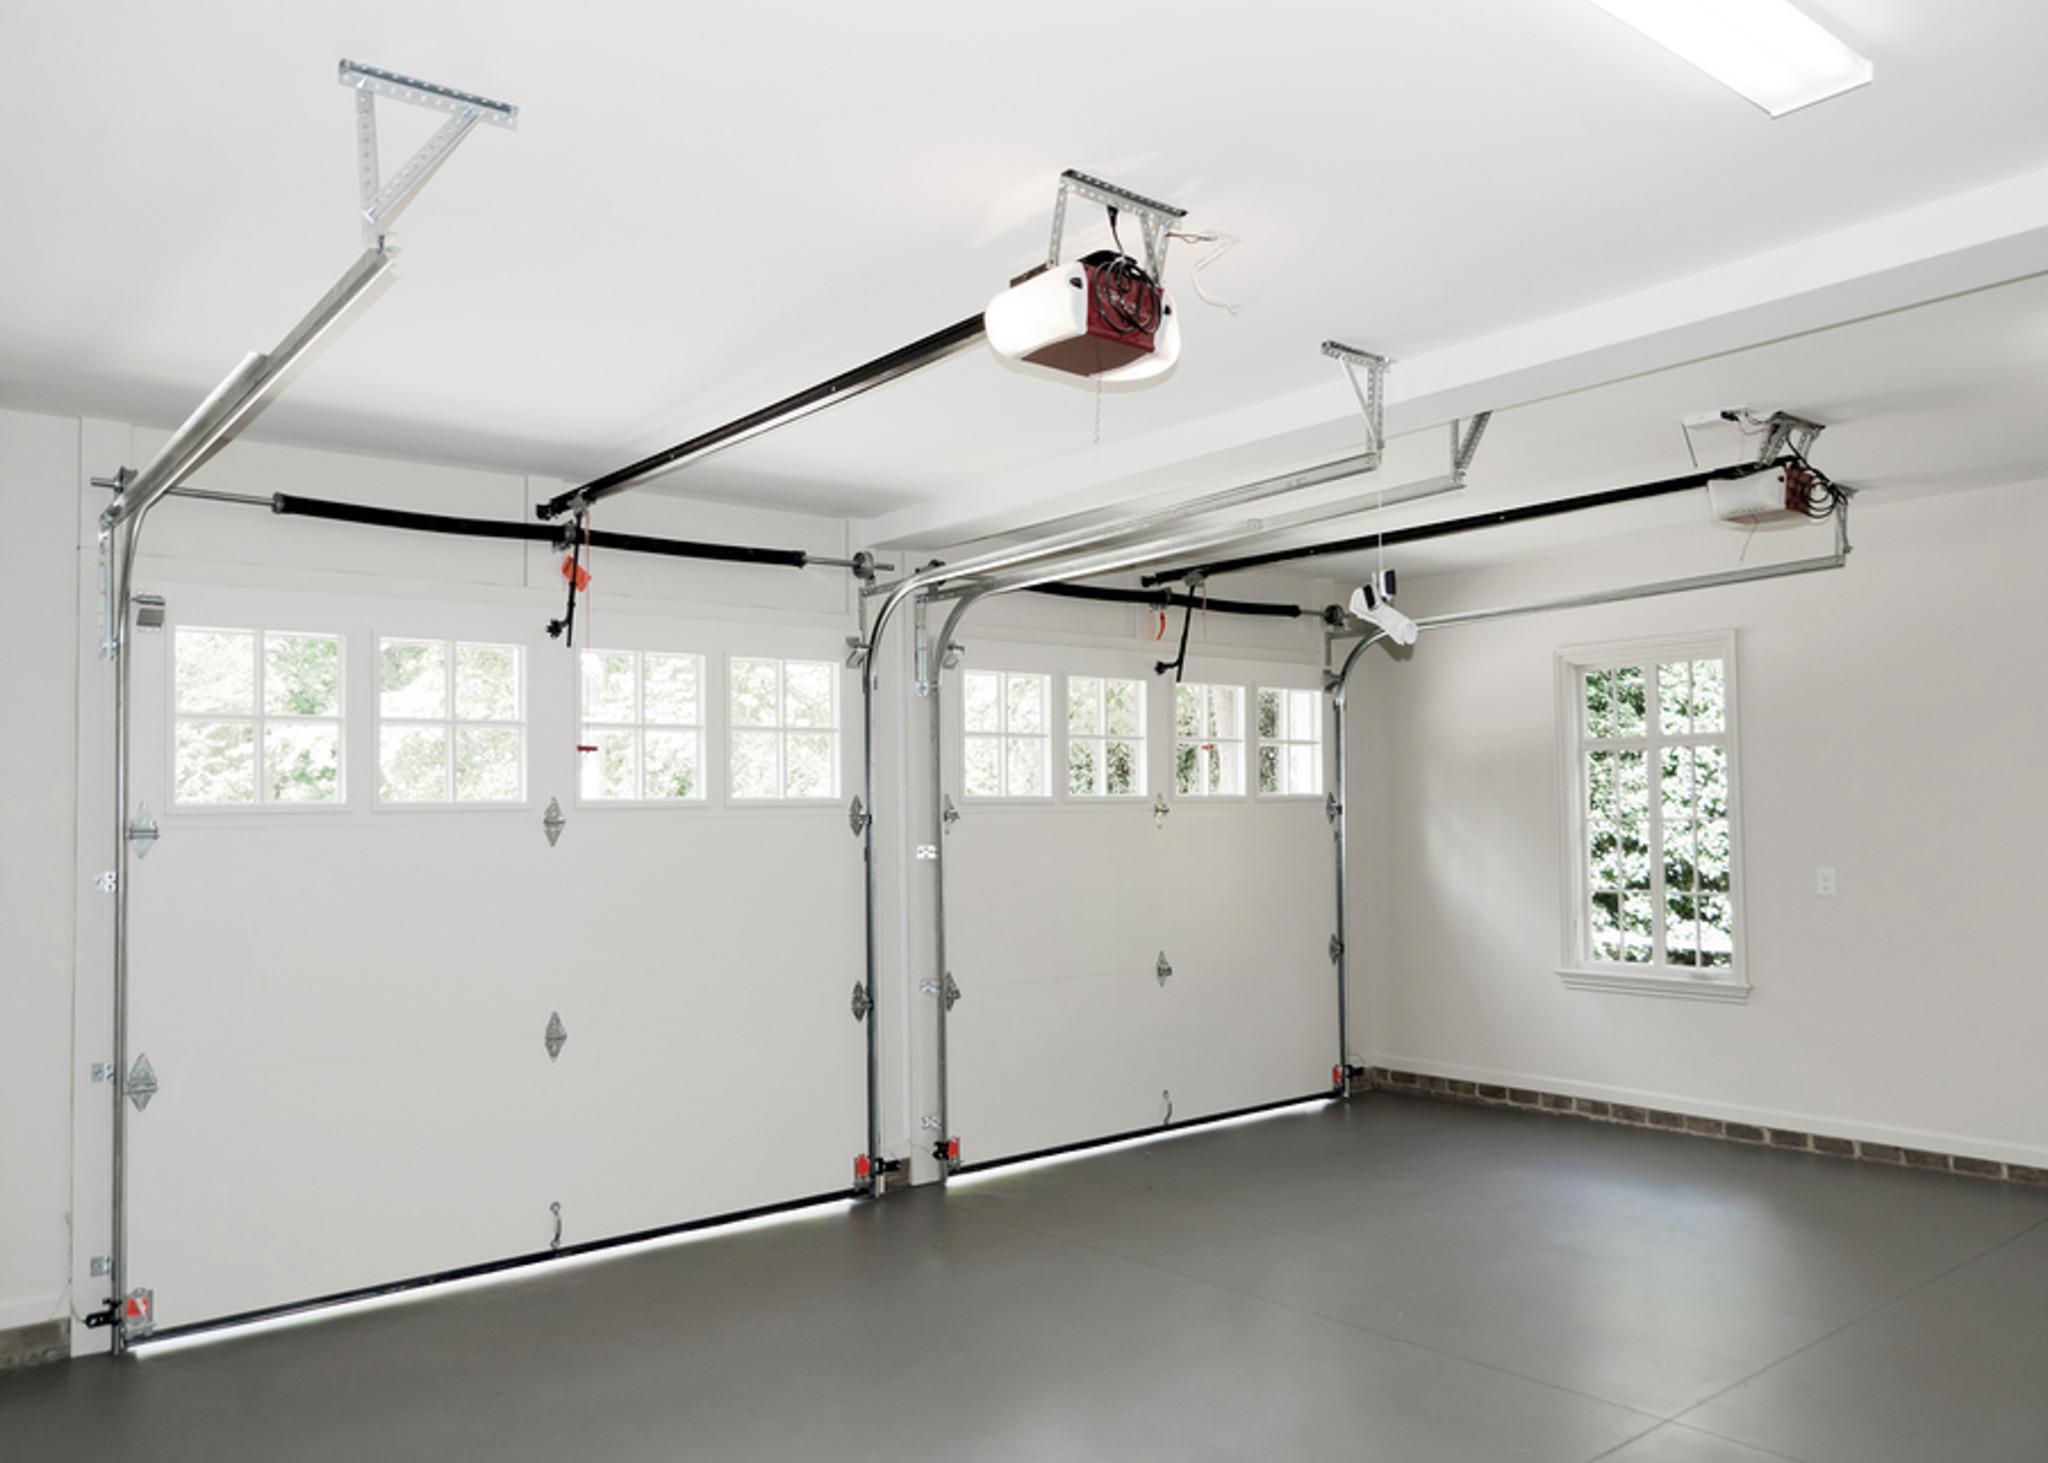 wie sicher sind garagentore? - innere stadt